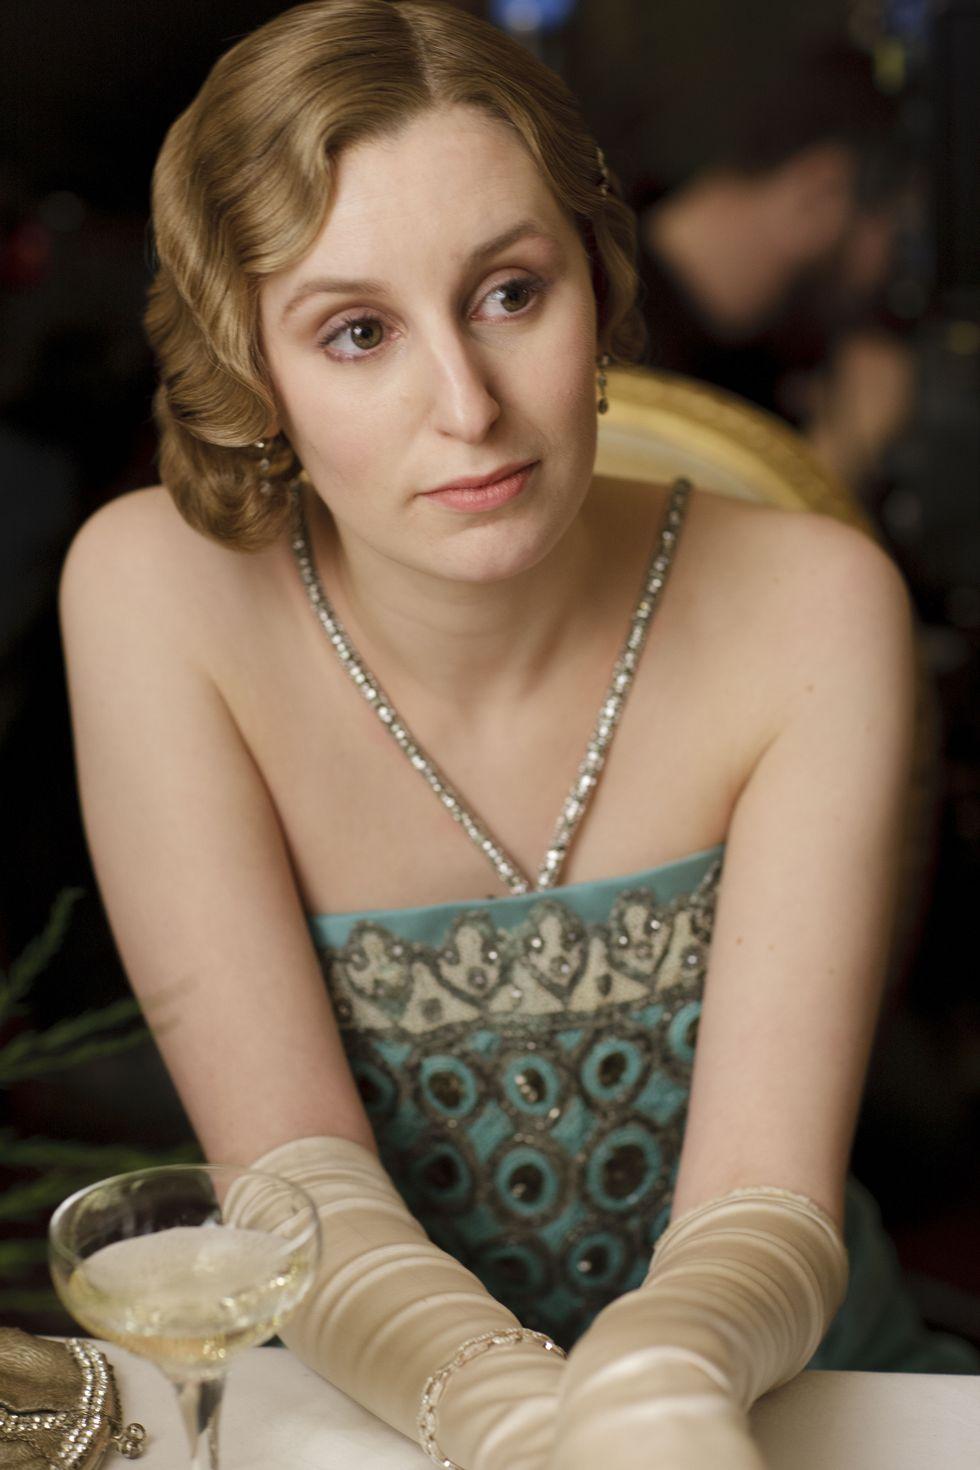 Edith egy csodás, és kissé kacér ruhában